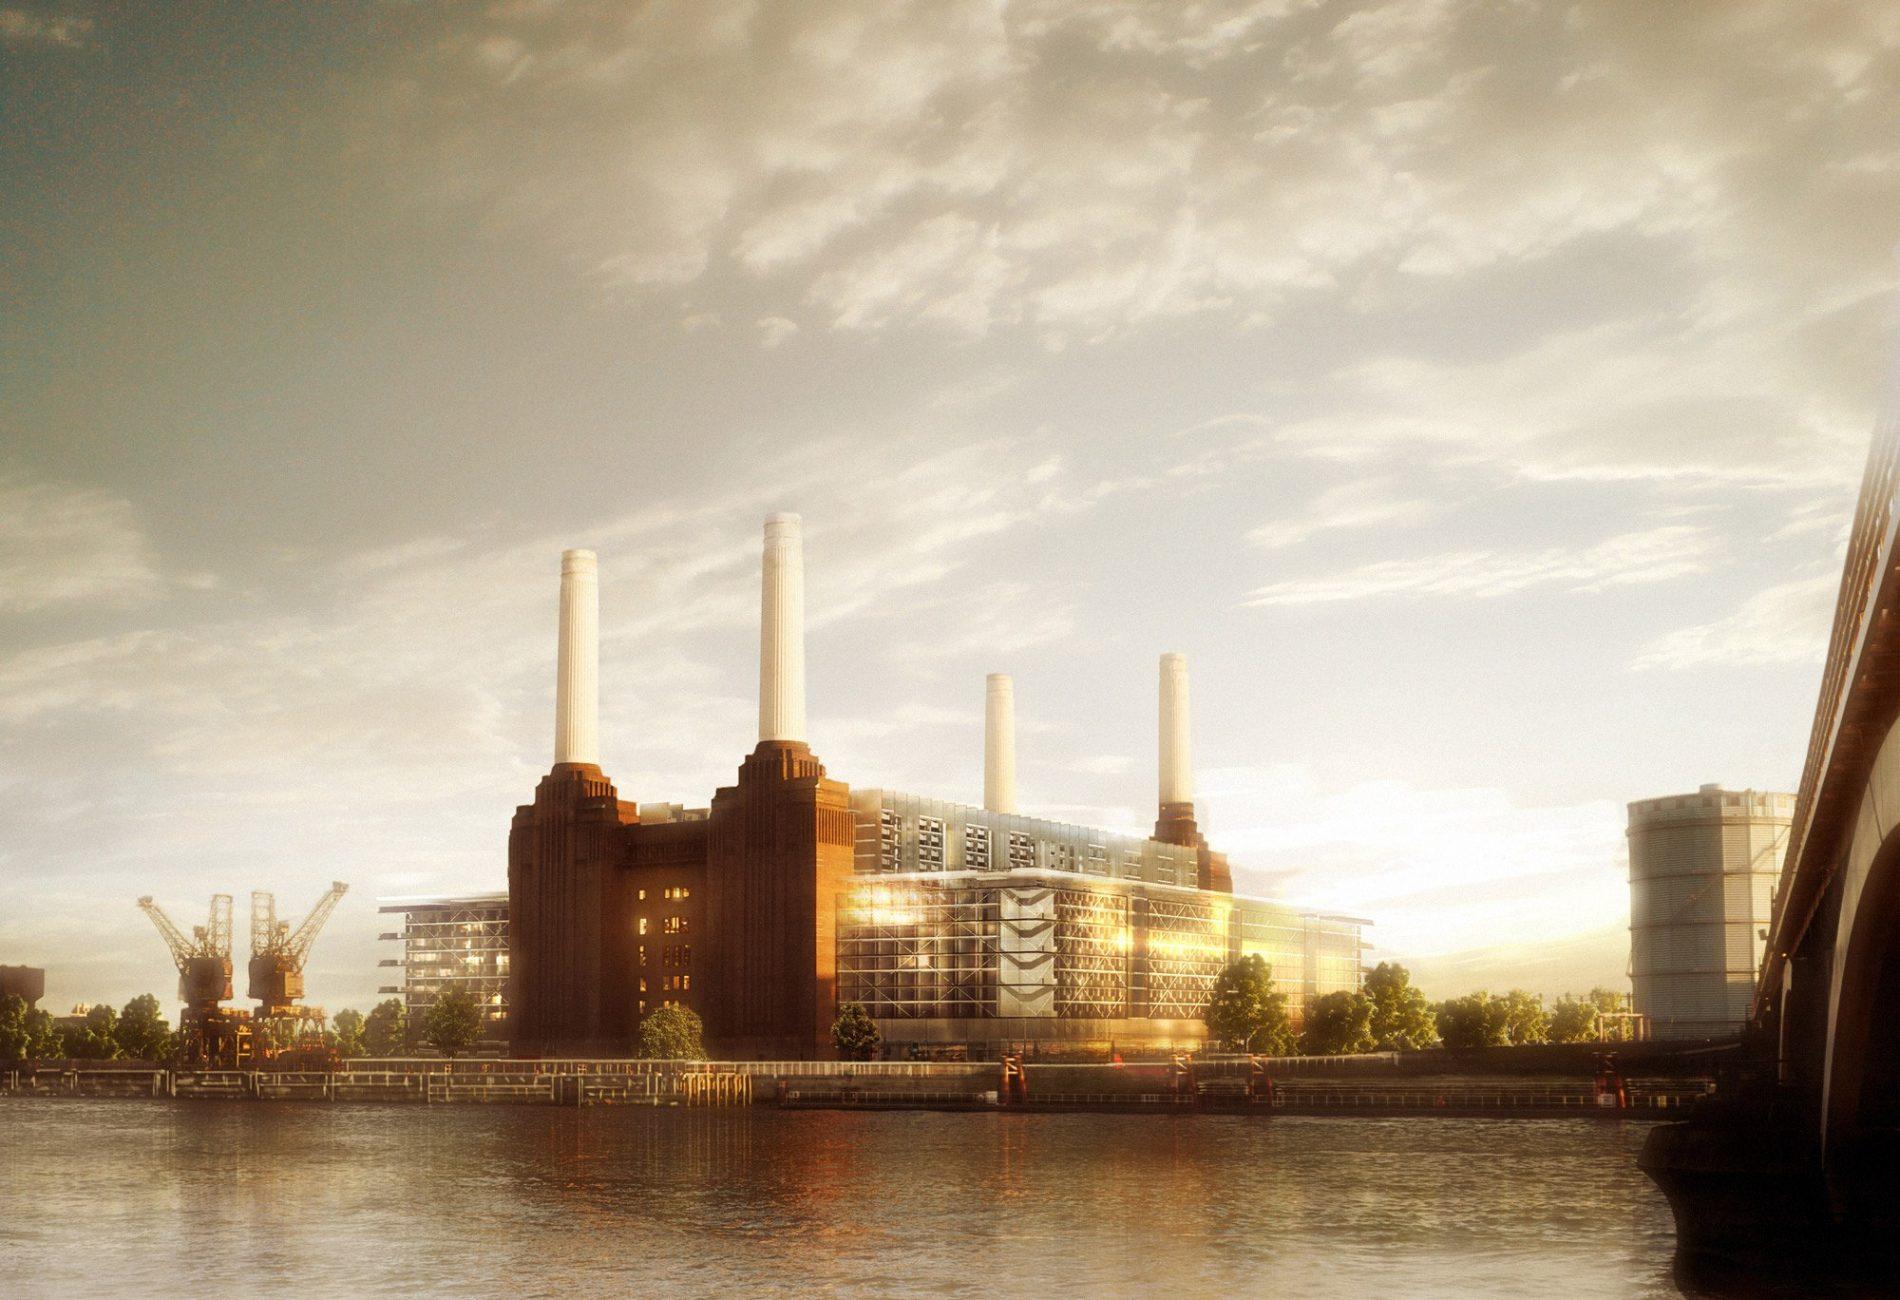 Battersea Power Station by Morrow + Lorraine